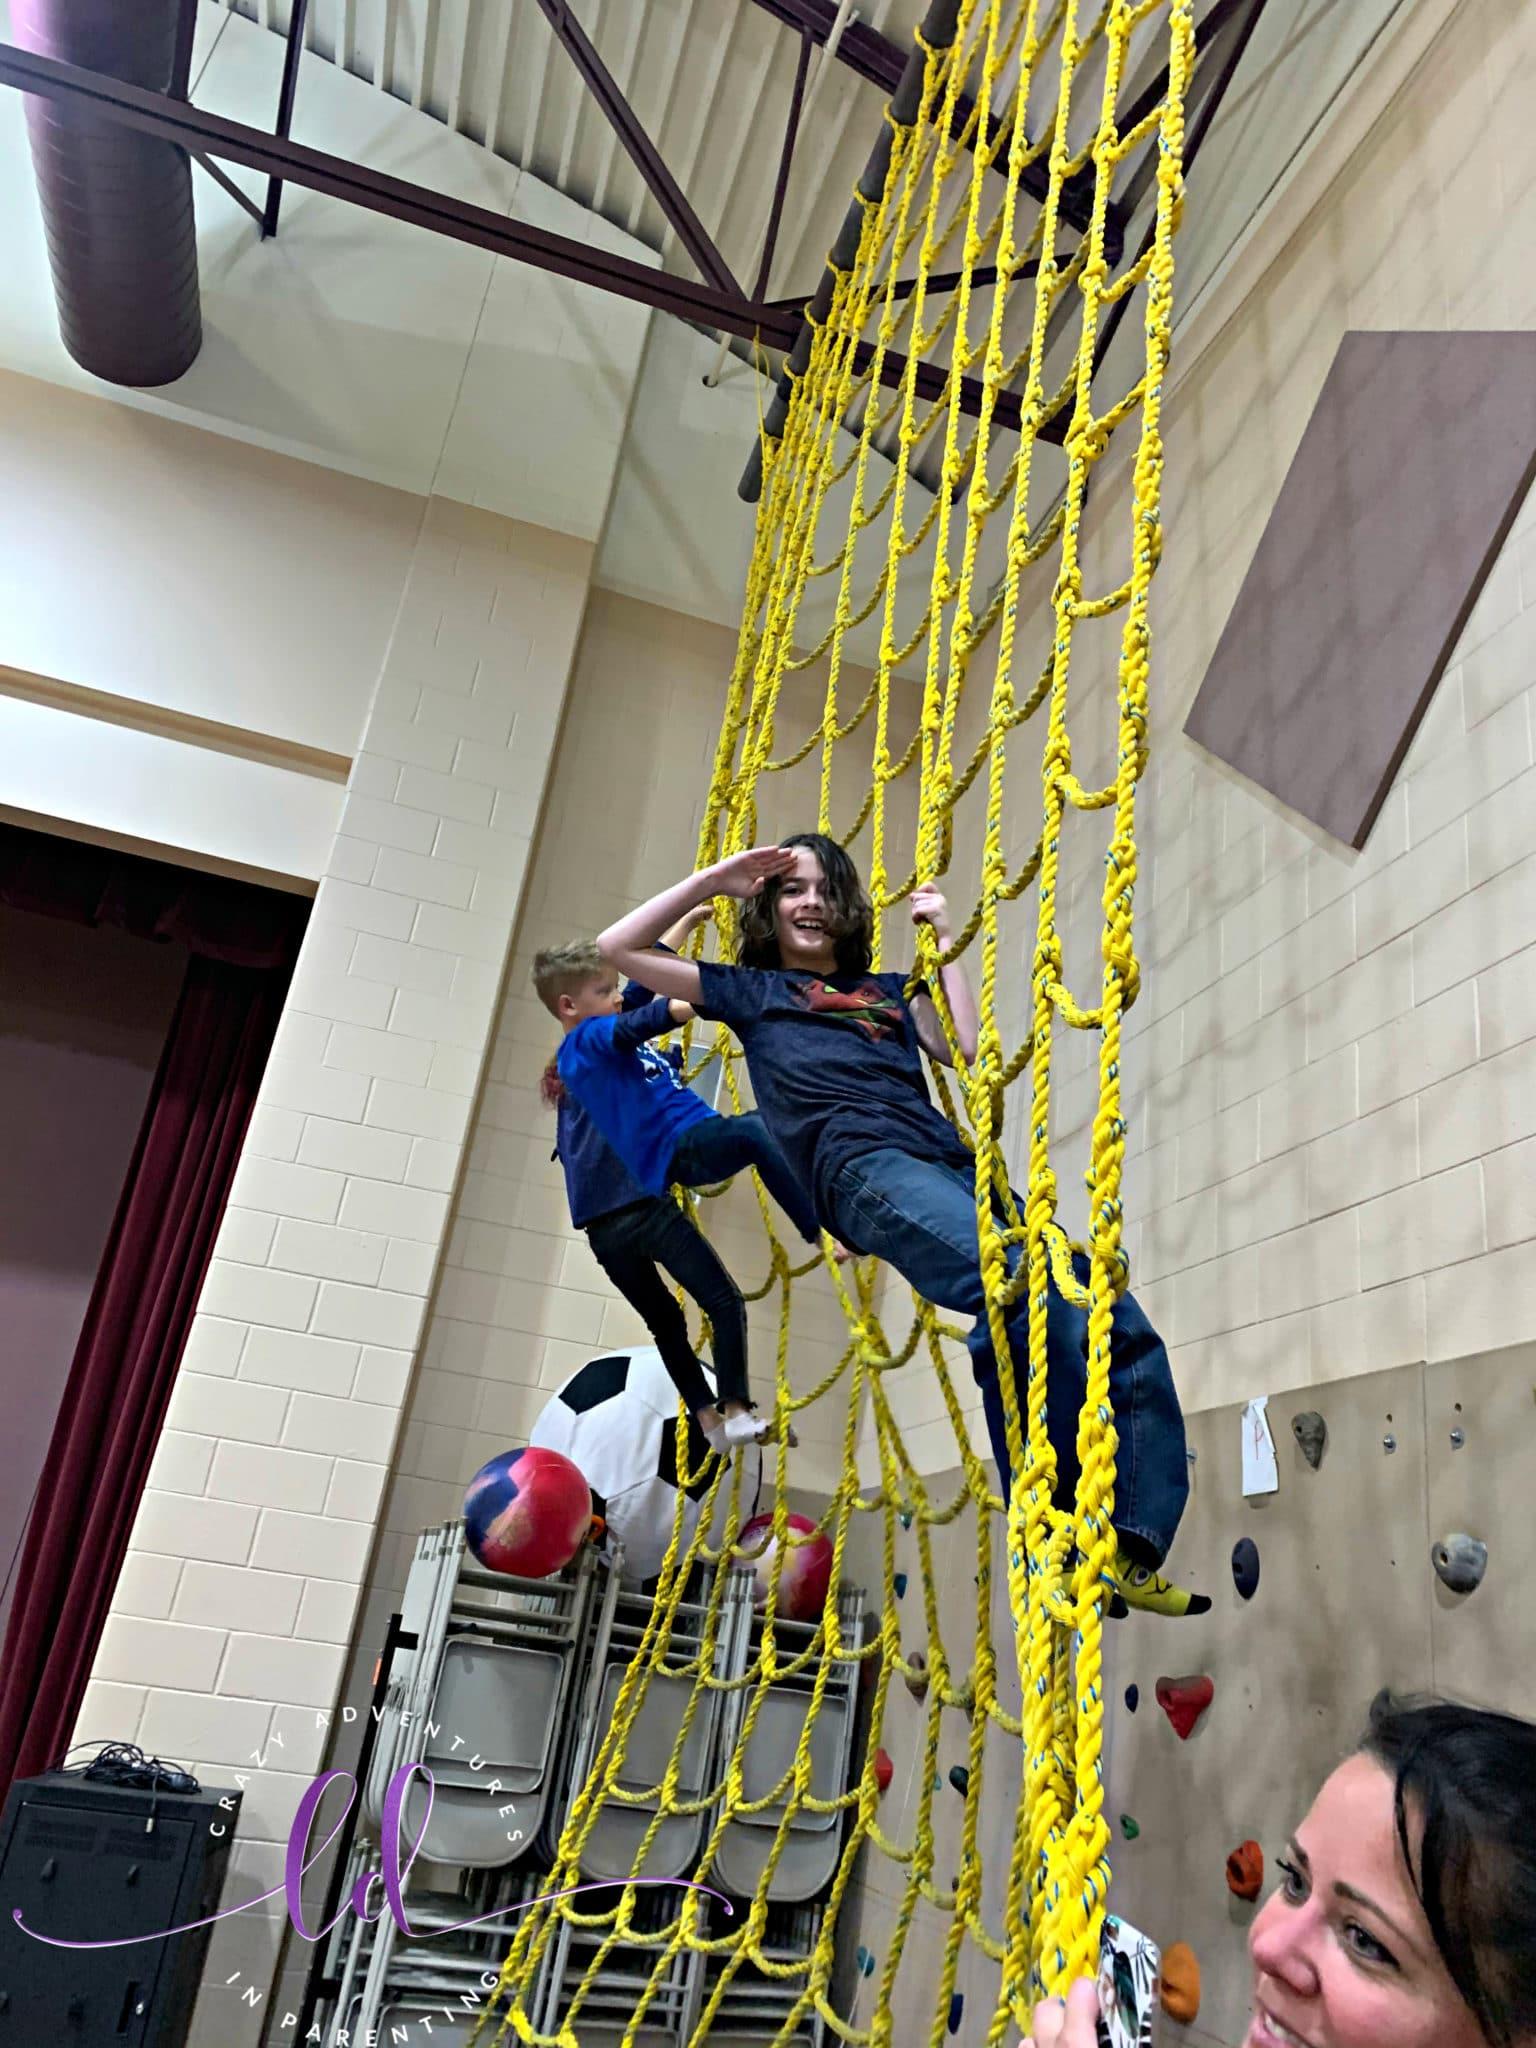 Climbing during gymnastics